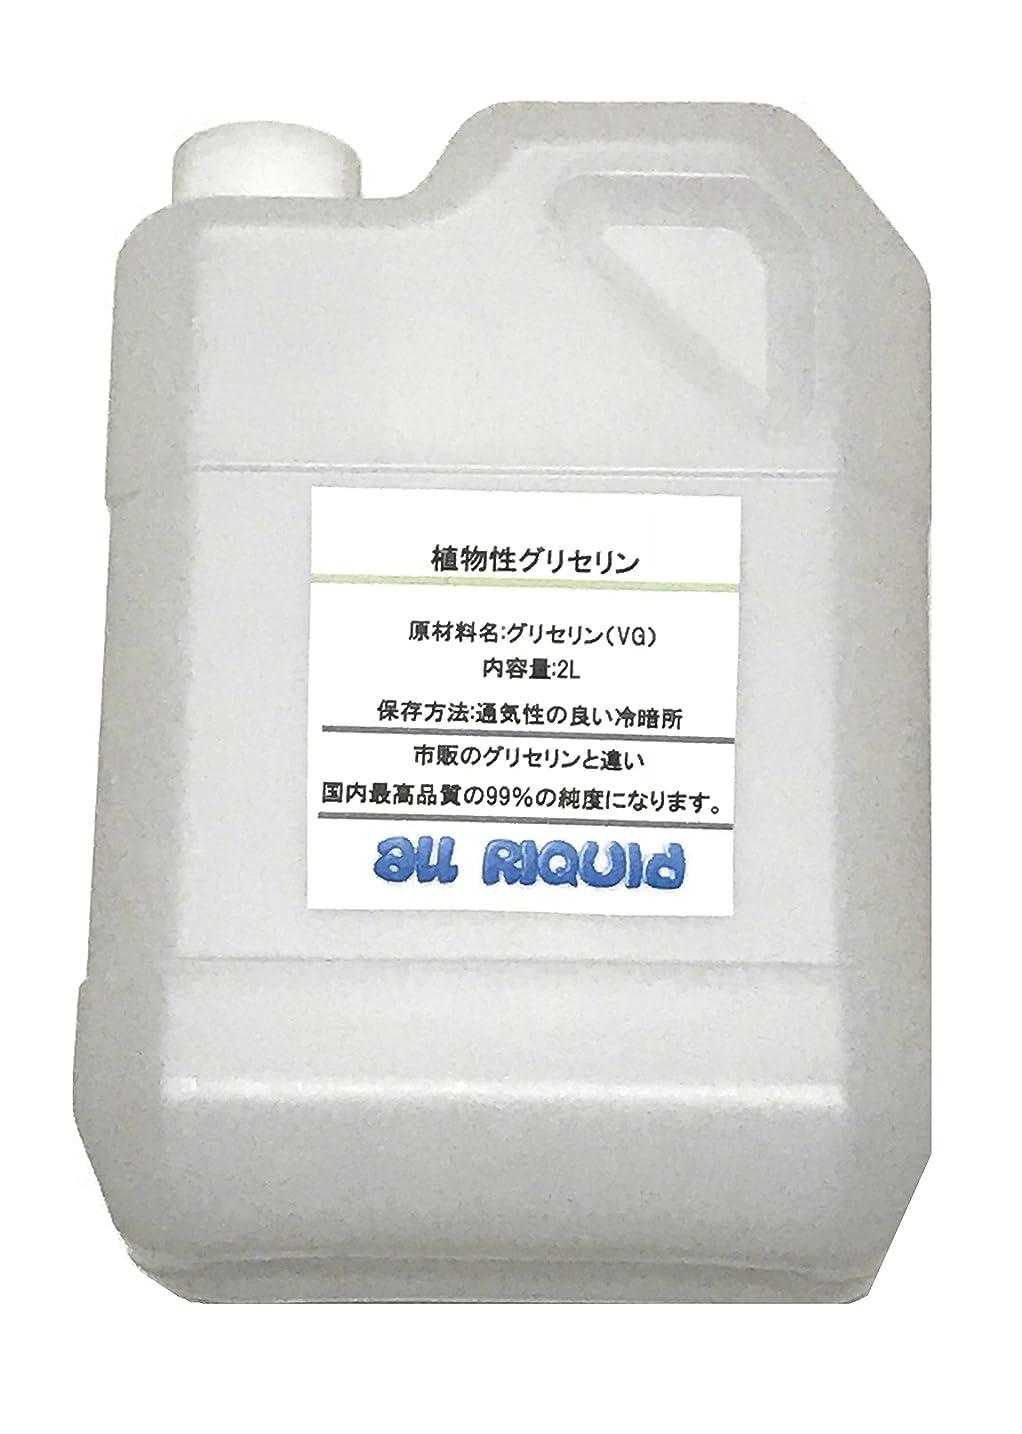 独裁被害者宮殿(VG)植物性 グリセリン2L (高濃度99%)安全な食添品使用